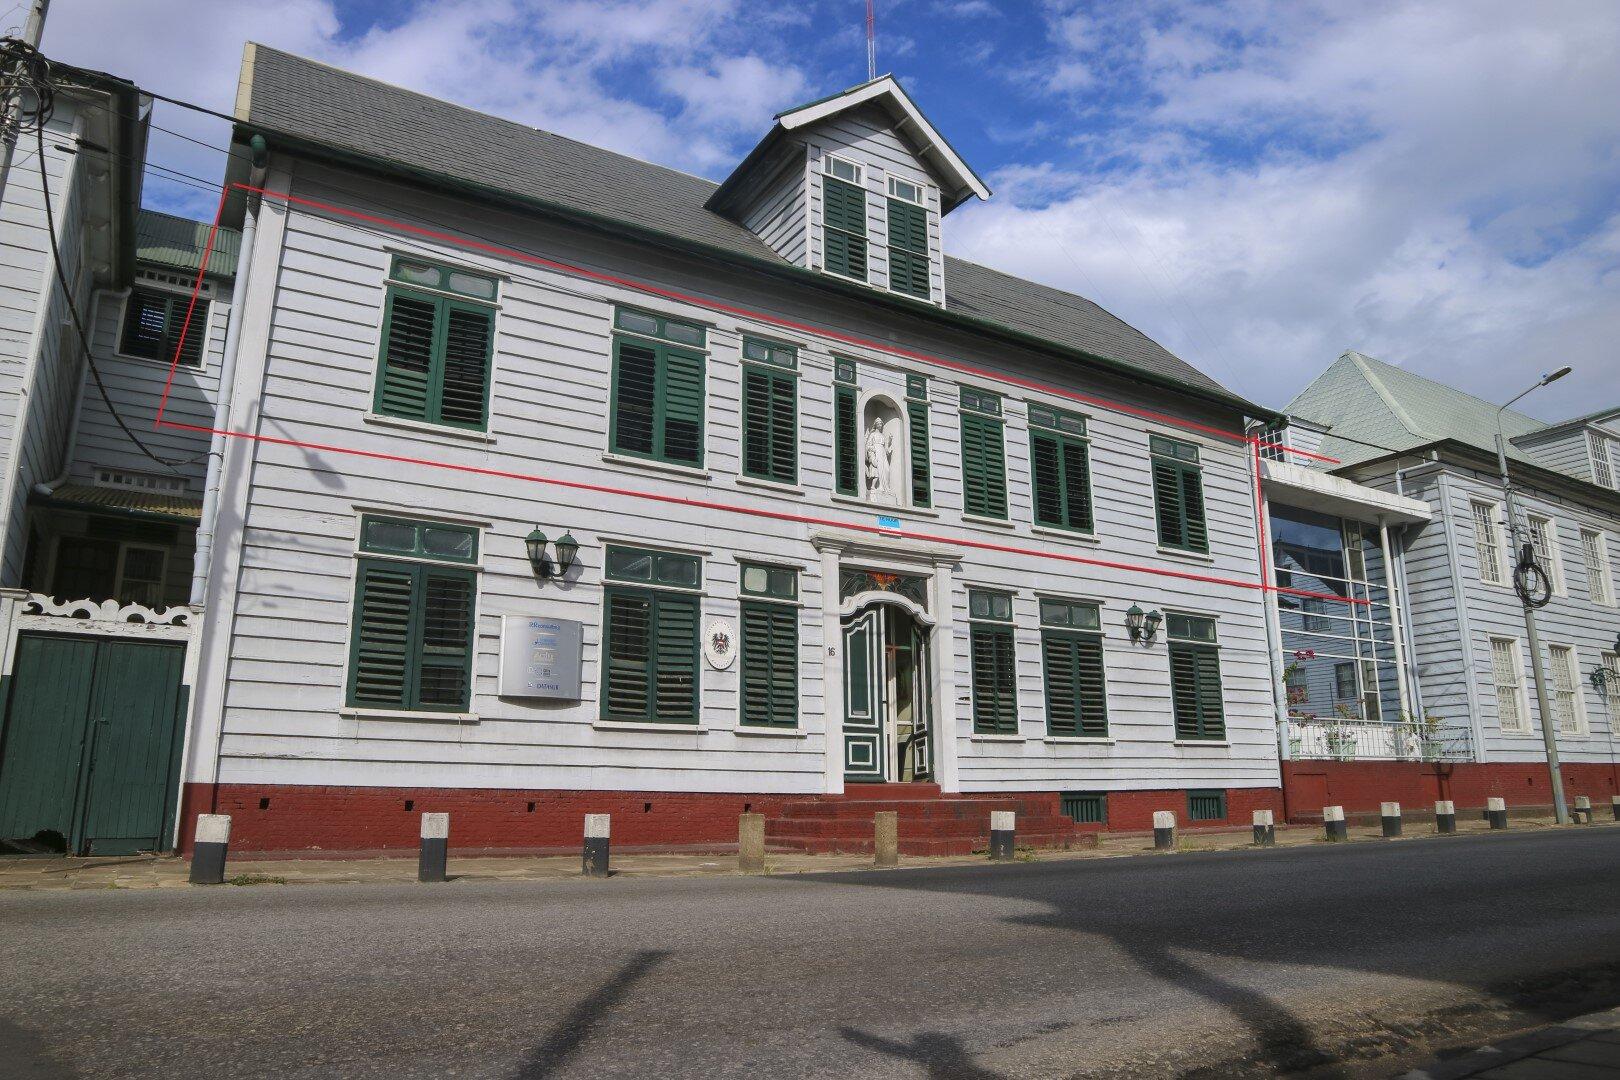 Henck Arronstraat 16 - Prachtige kantoorvleugel gelegen op toplocatie - Surgoed Makelaardij NV - Paramaribo, Suriname